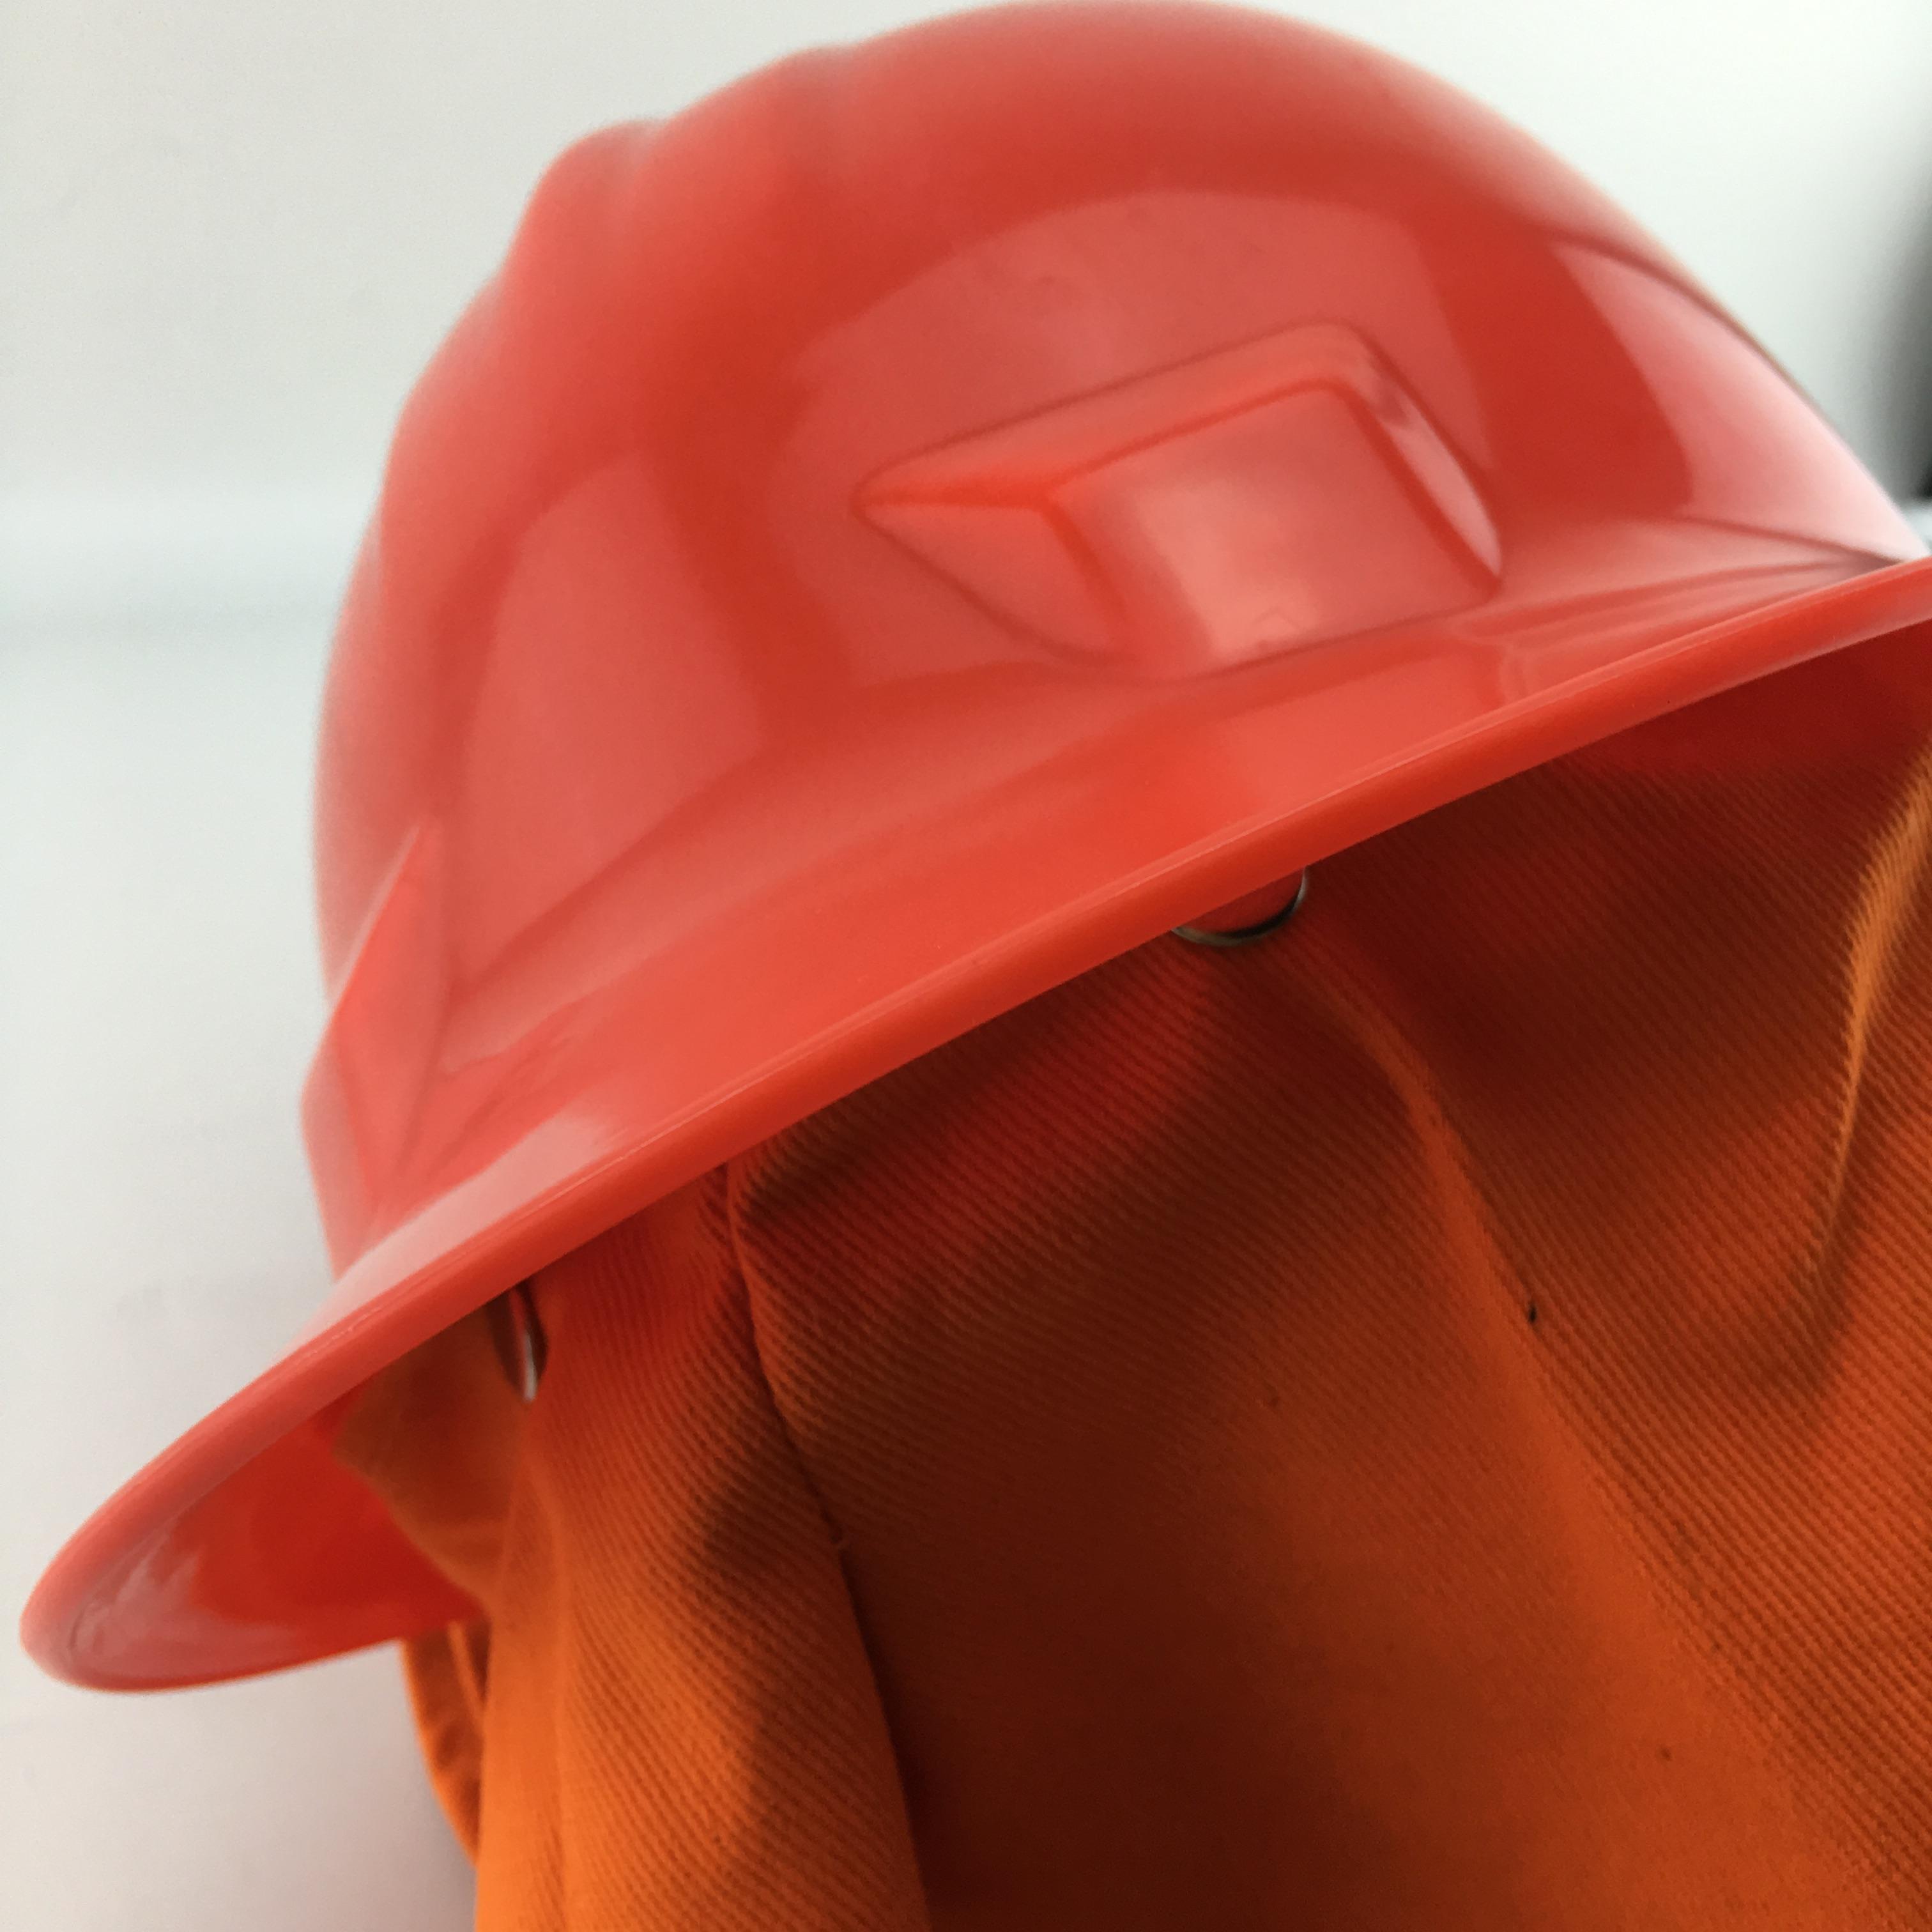 加厚消防头盔消防帽97防火帽消防员披肩带罩头盔消防微站备用直销